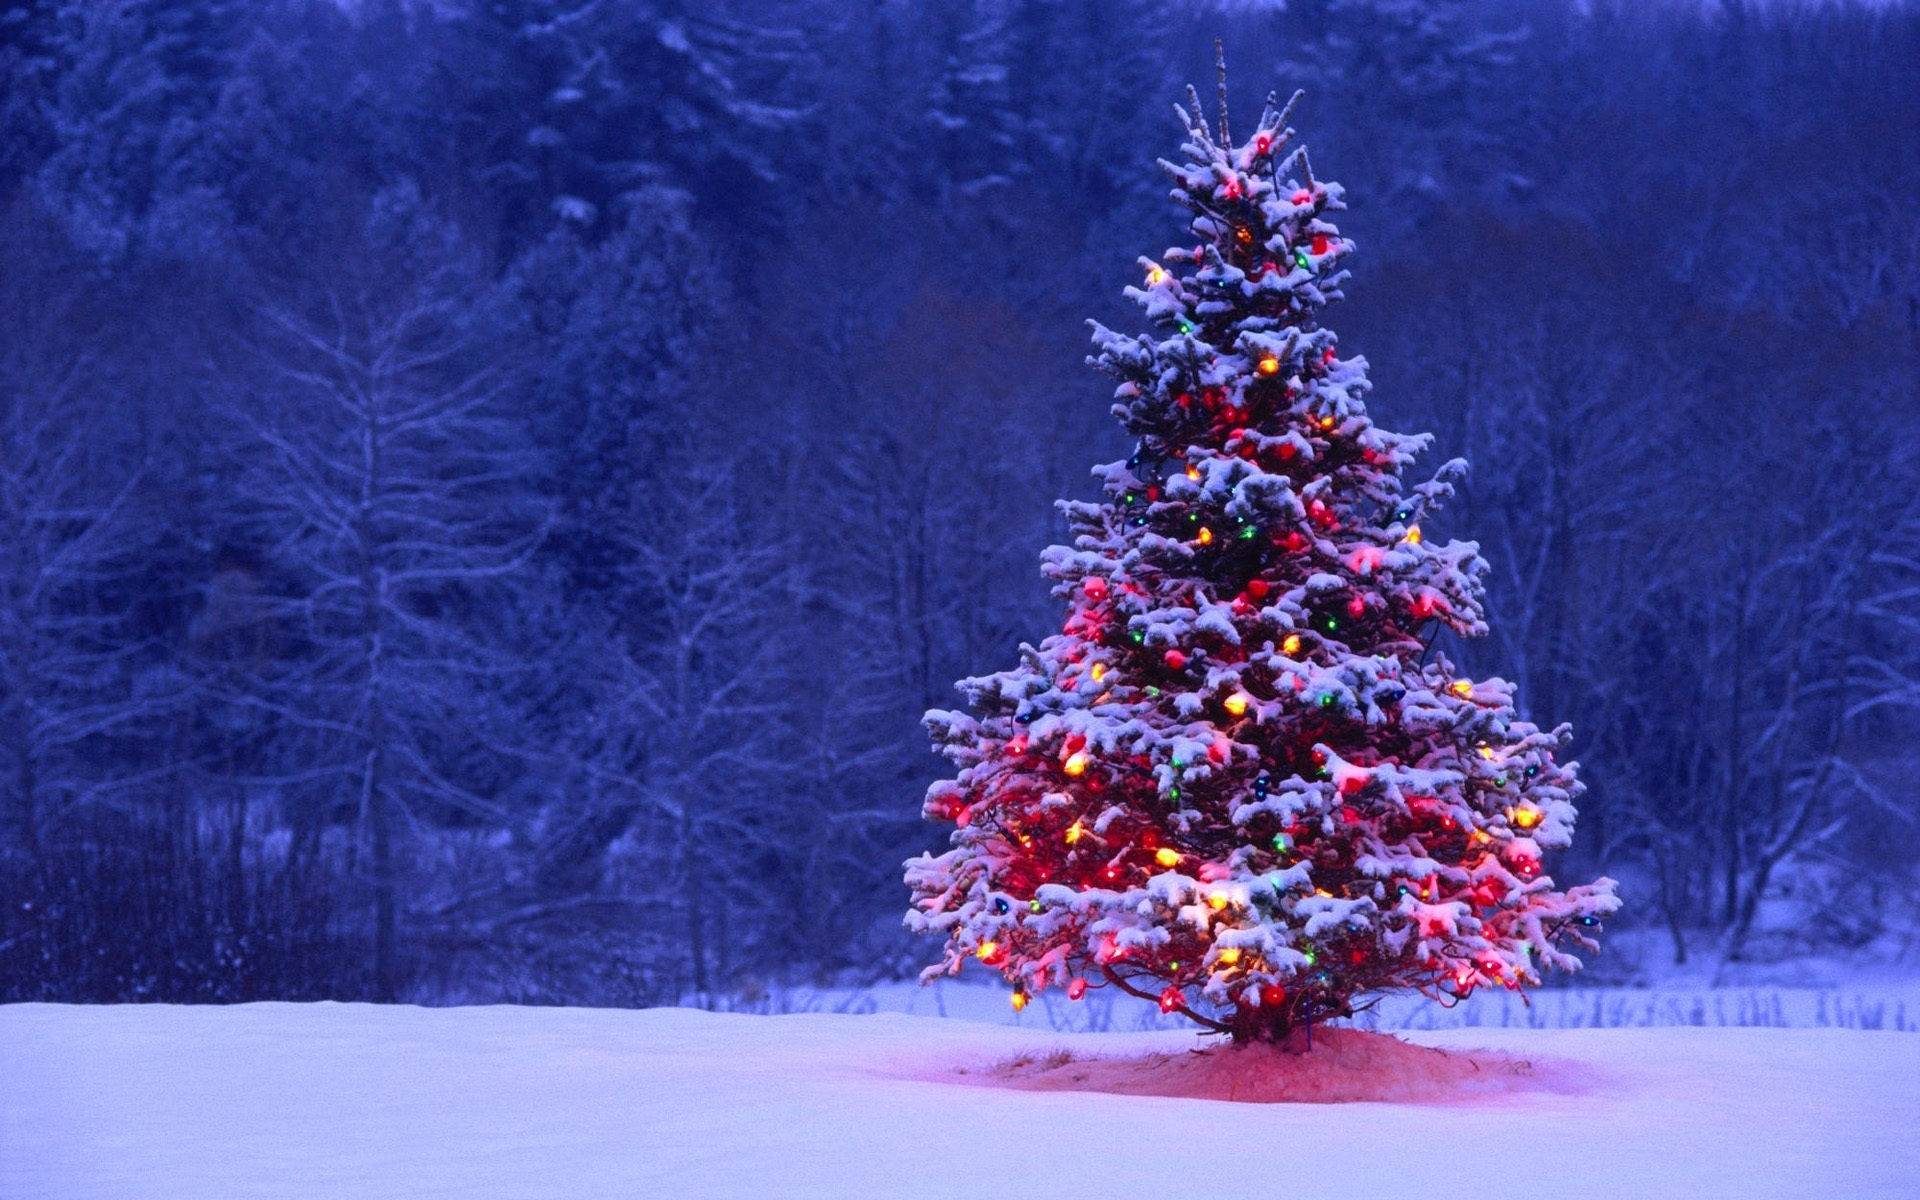 картинки снег новый год на рабочий стол они выглядели празднично